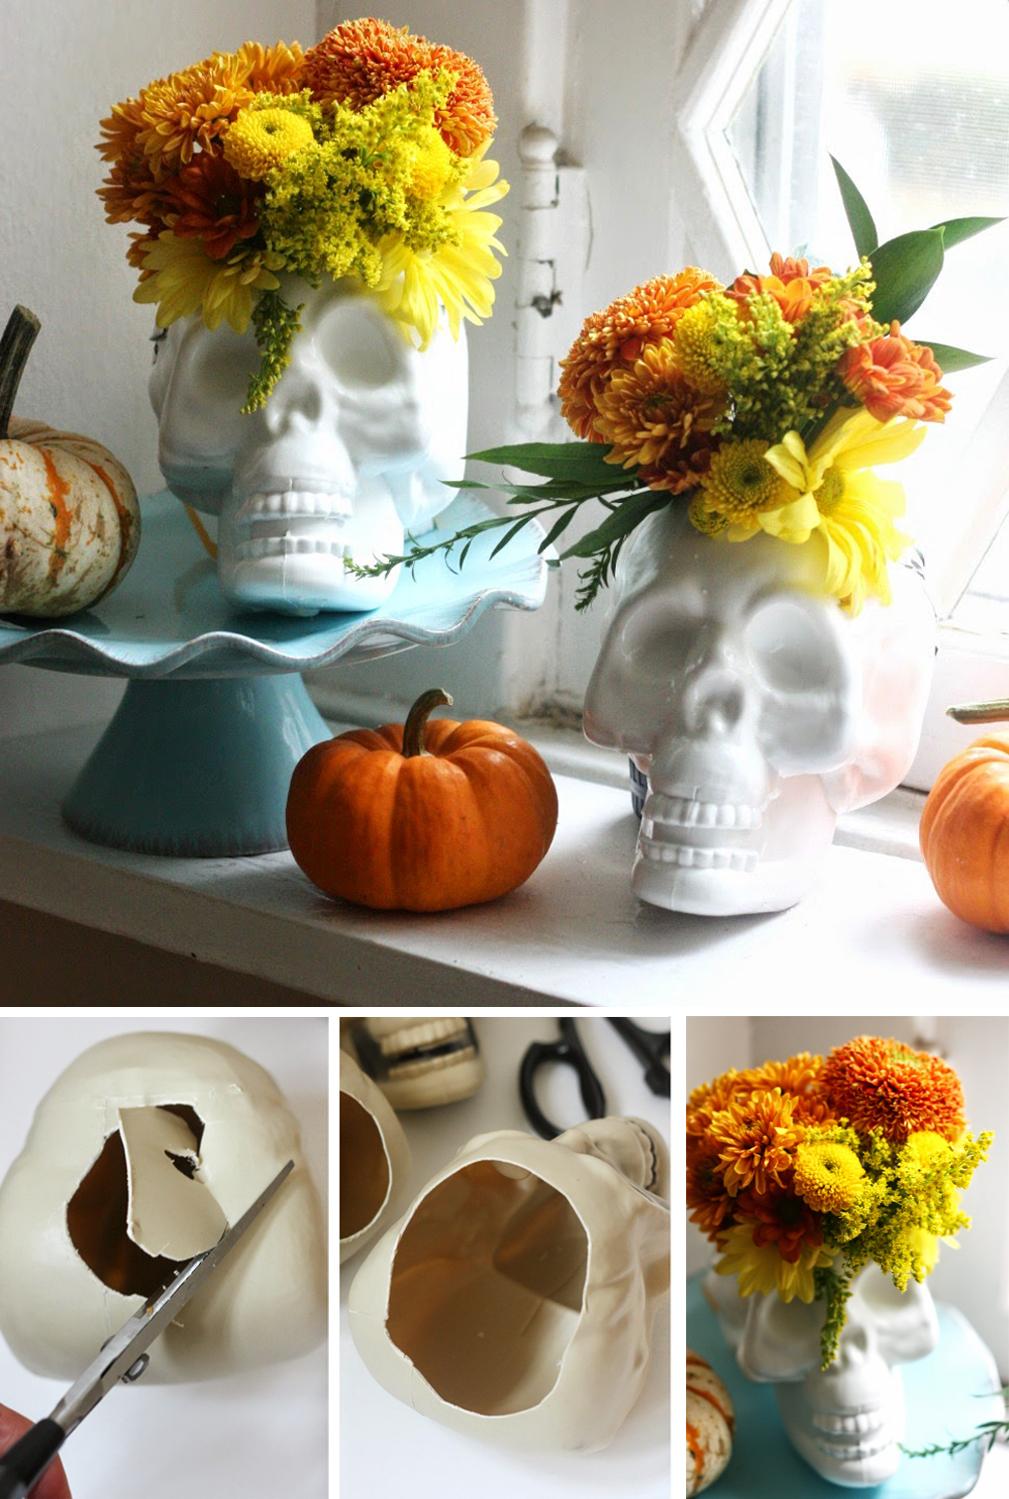 diy para decorar halloween con florero de calavera terrorifico fácil y económico